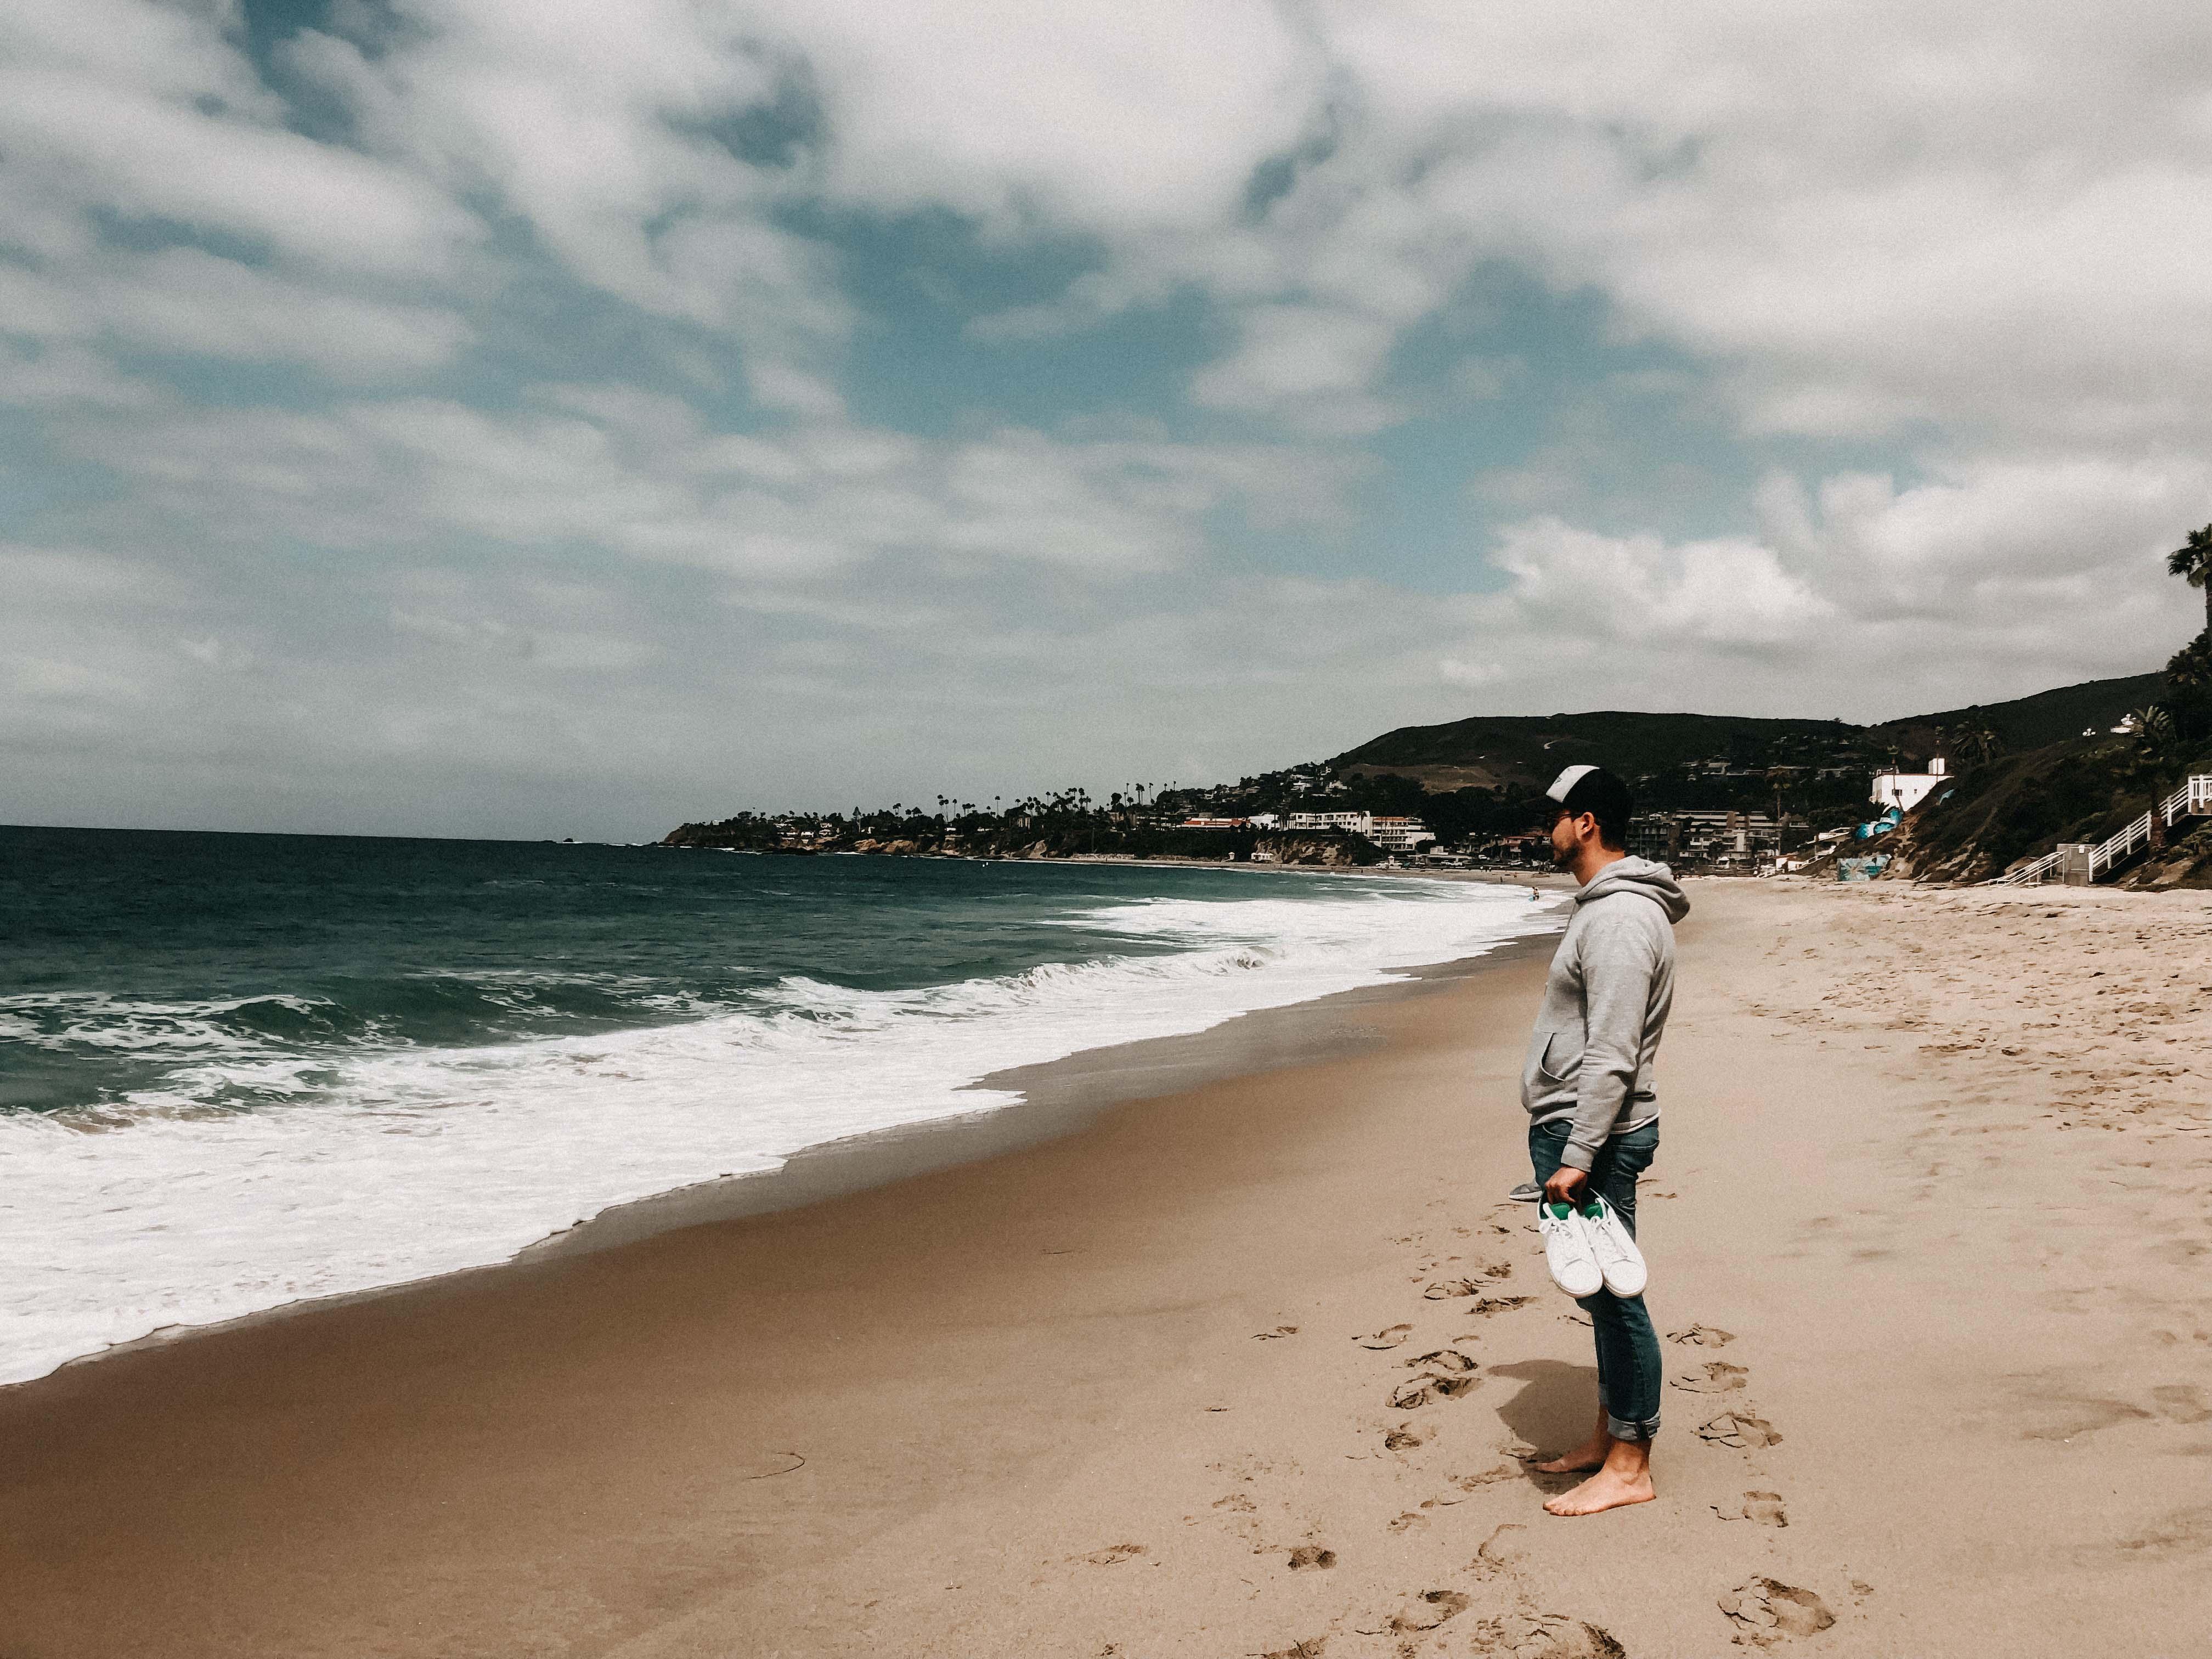 Top Insider Tipps Los Angeles Laguna Beach Traumstrände LA beste Strände Tipp bester Strand USA Amerika 3